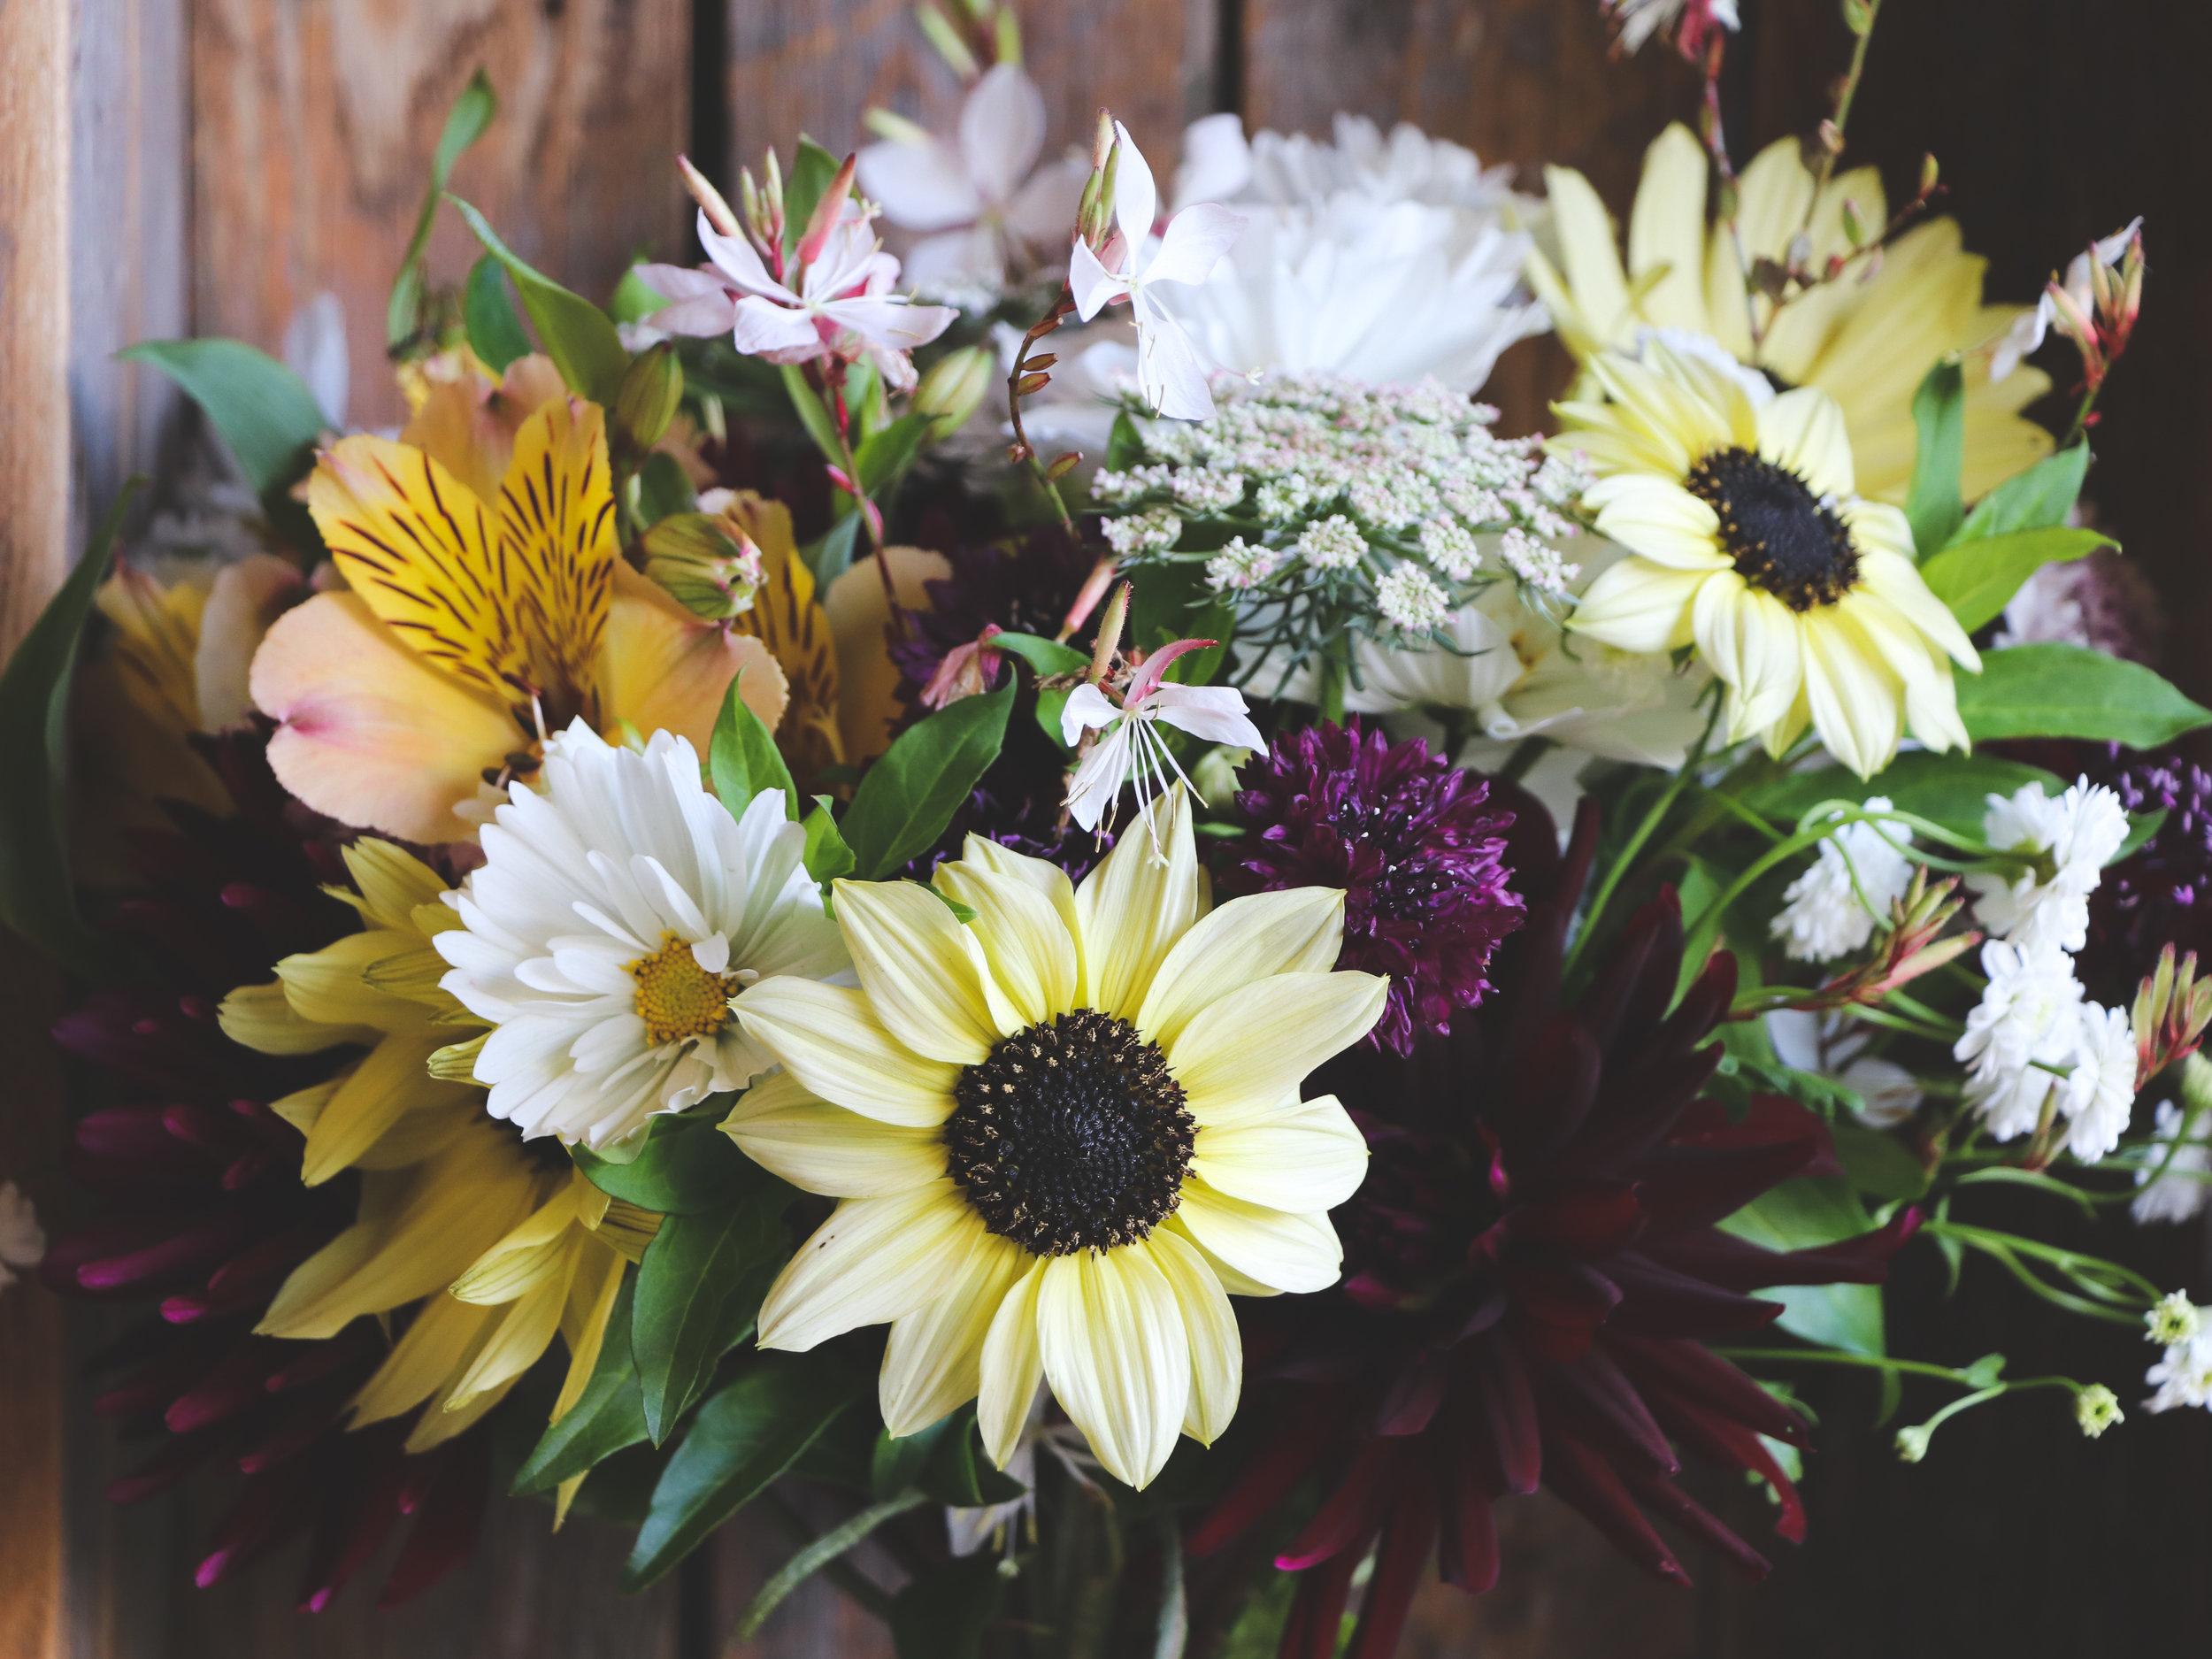 moody sunflower cosmos alstromeria bouquet.jpg